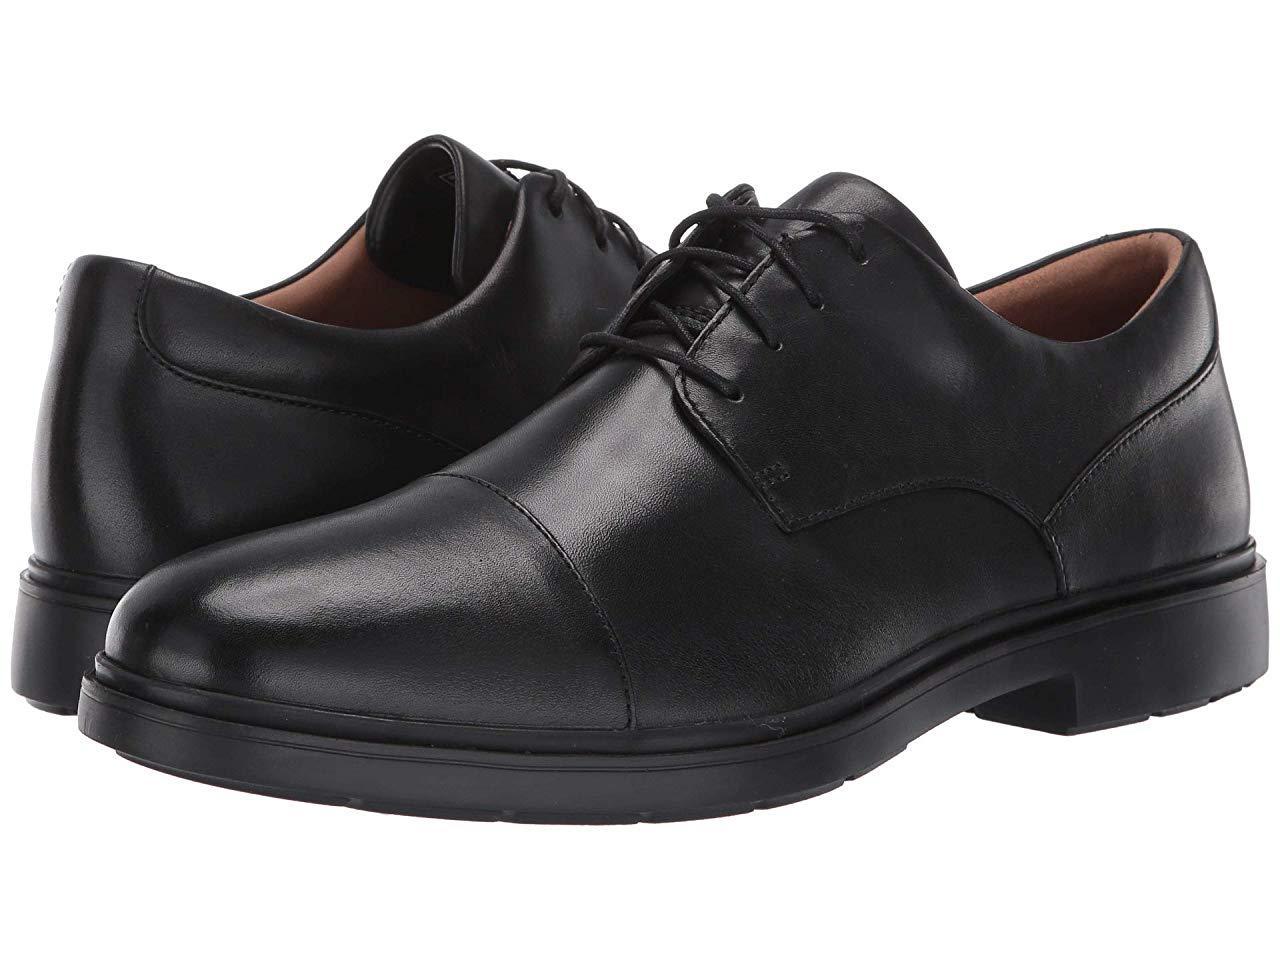 Туфли (Оригинал) Clarks Un Tailor Cap Black Leather